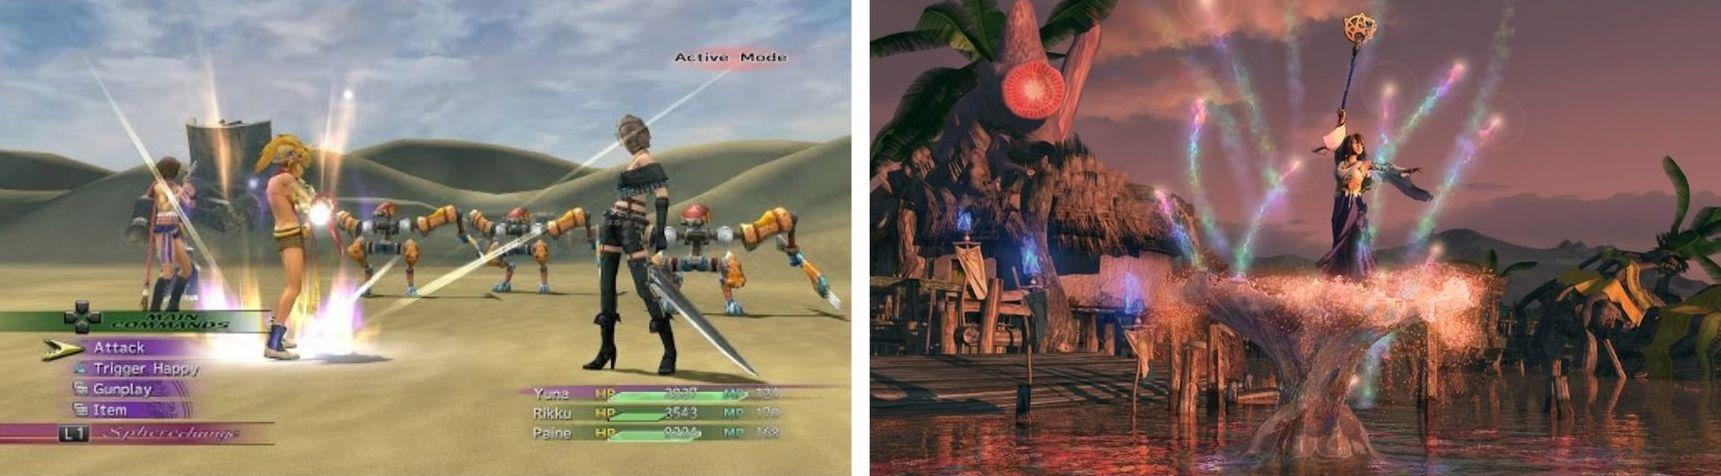 Capture d'un moment de jeu (à gauche) et d'une cinématique (à droite), Final Fantasy X, Squaresoft, 2001